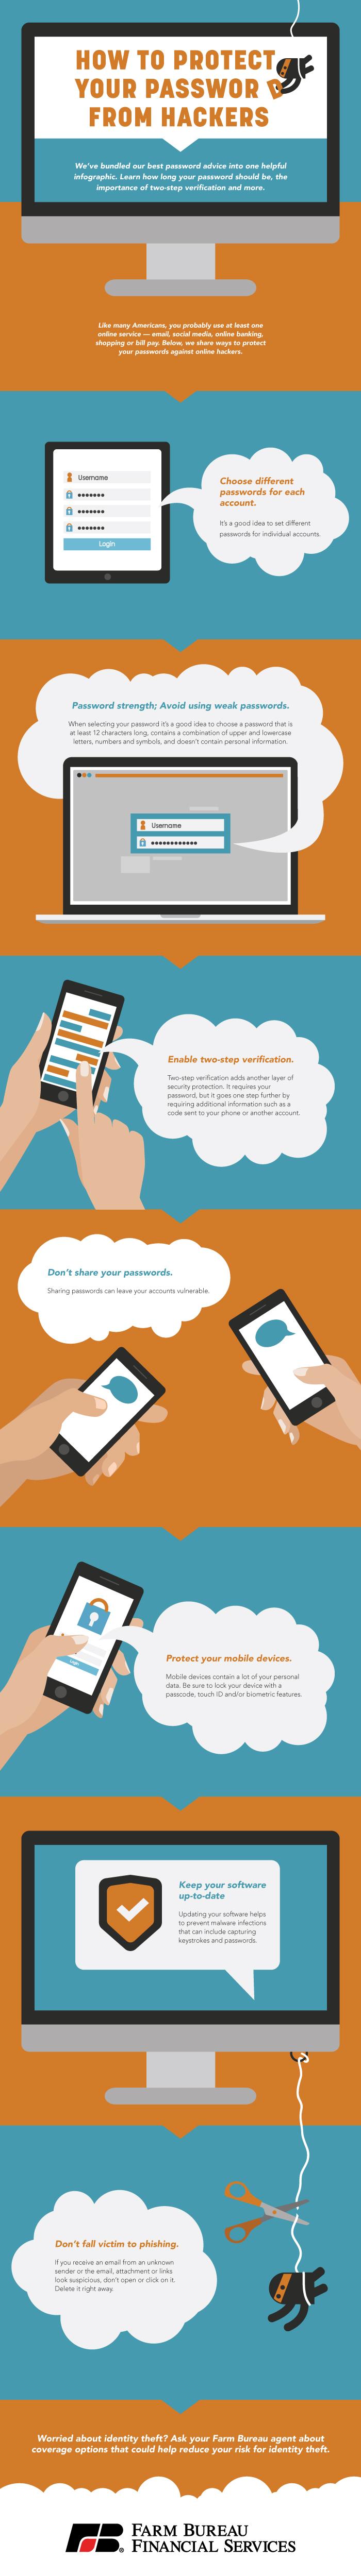 08_08 password-protect